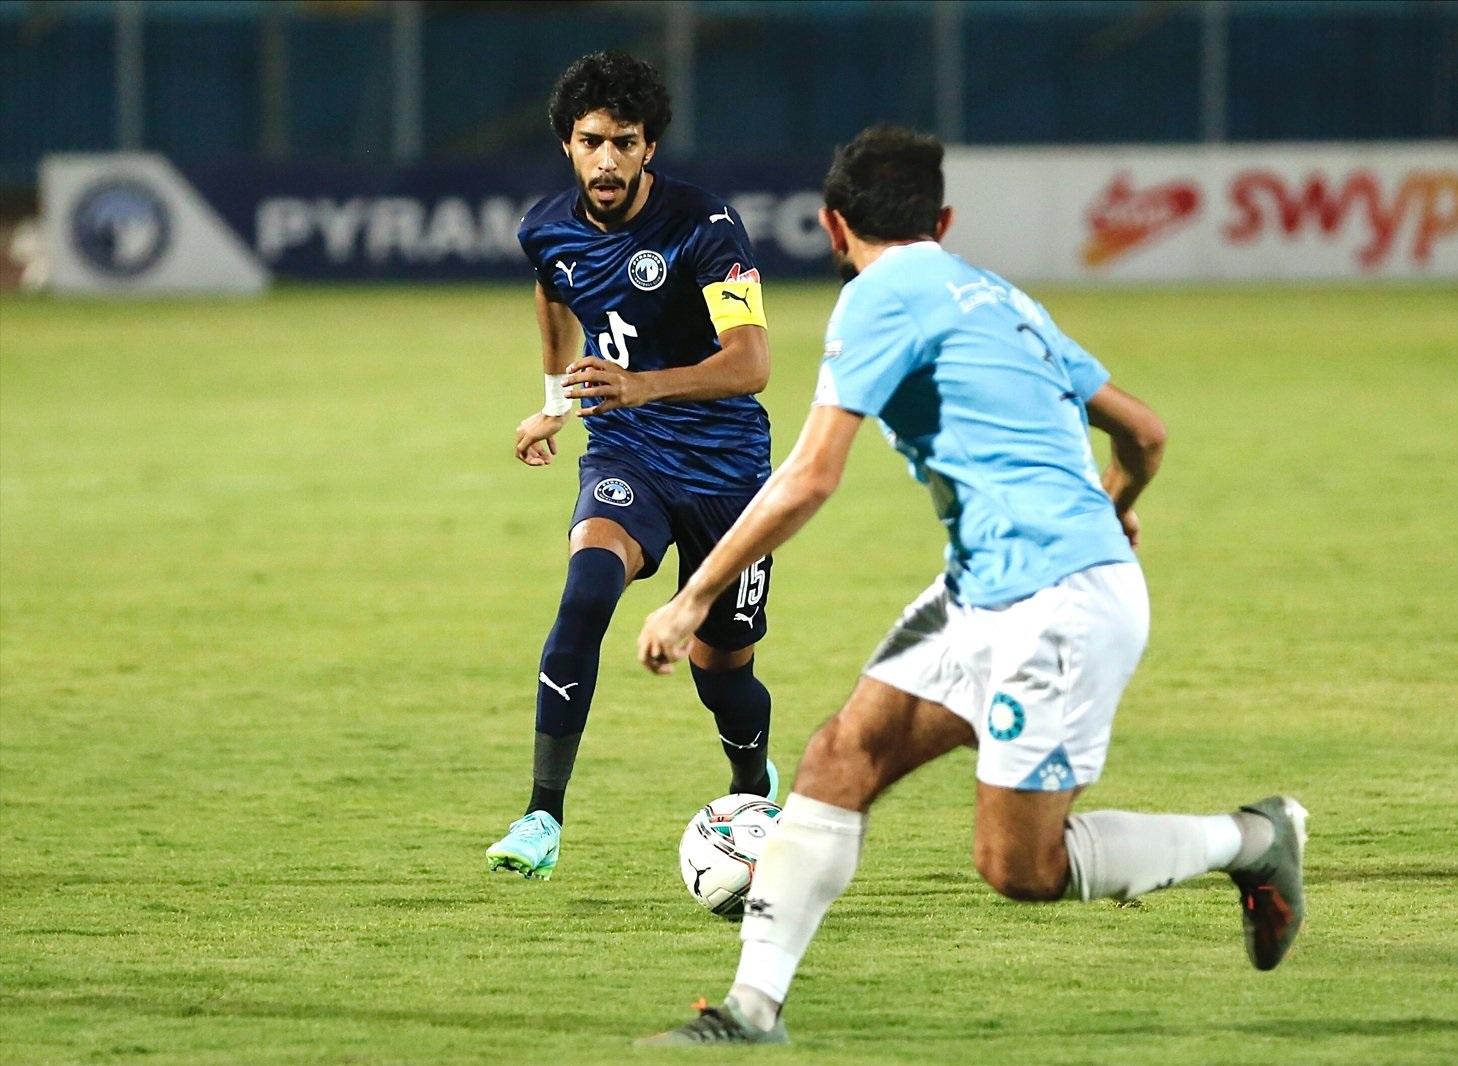 ملخص وأهداف مباراة بيراميدز ضد غزل المحلة في الدوري المصري